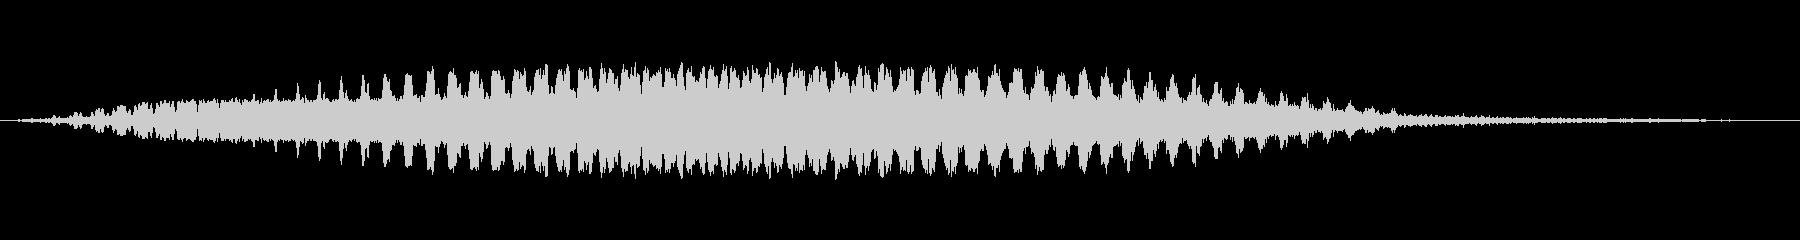 フィクション 実用性 Ululat...の未再生の波形